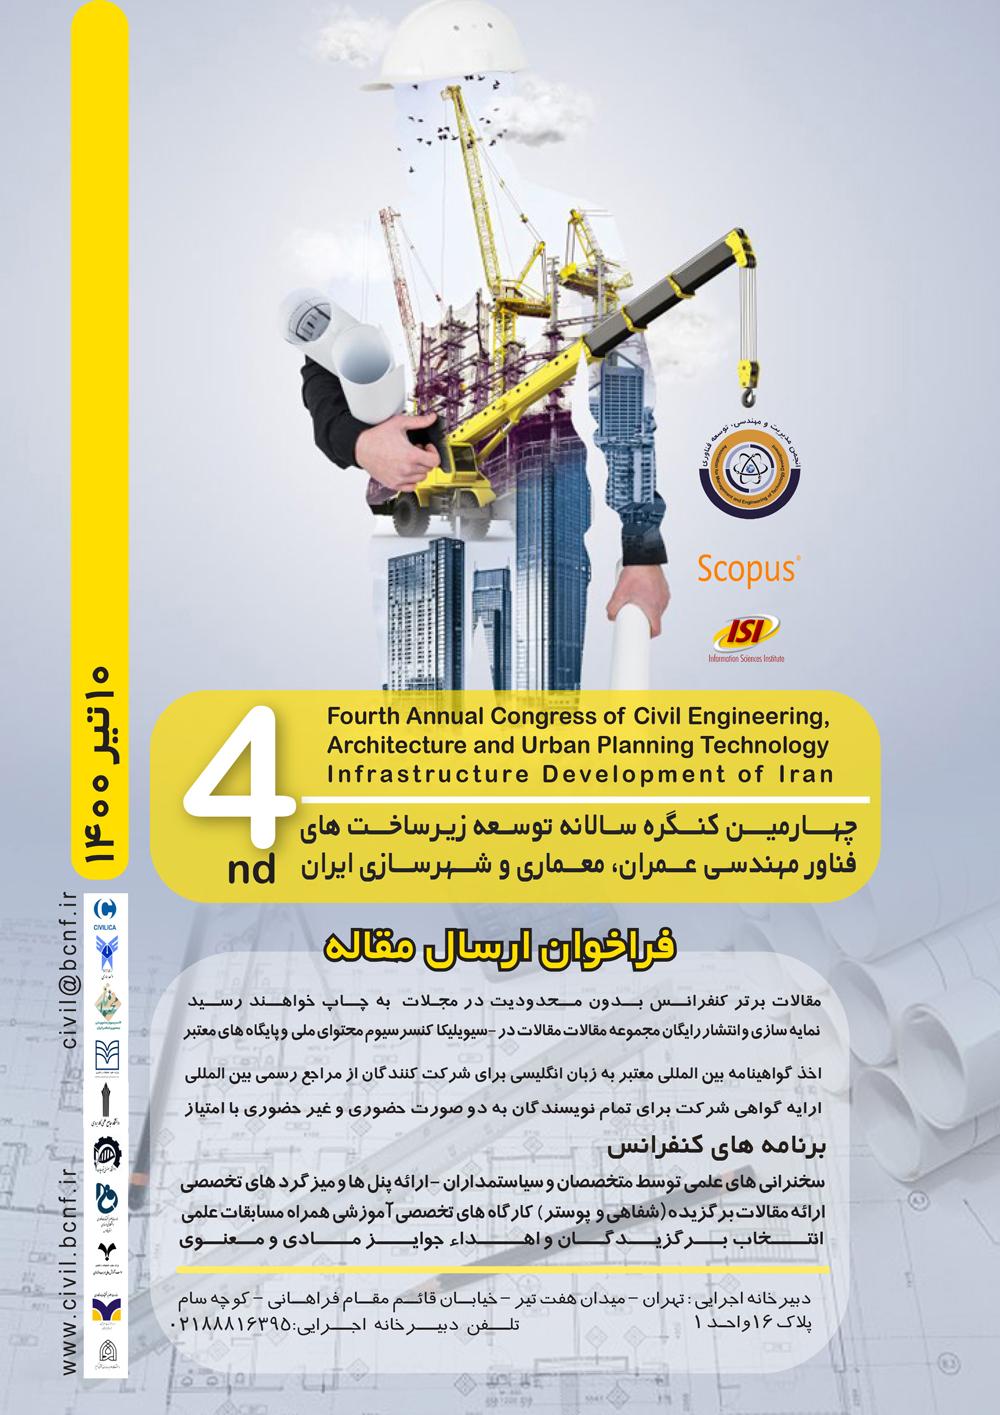 چهارمین کنگره سالانه توسعه زیرساخت های فناور مهندسی عمران، معماری و شهرسازی ایران